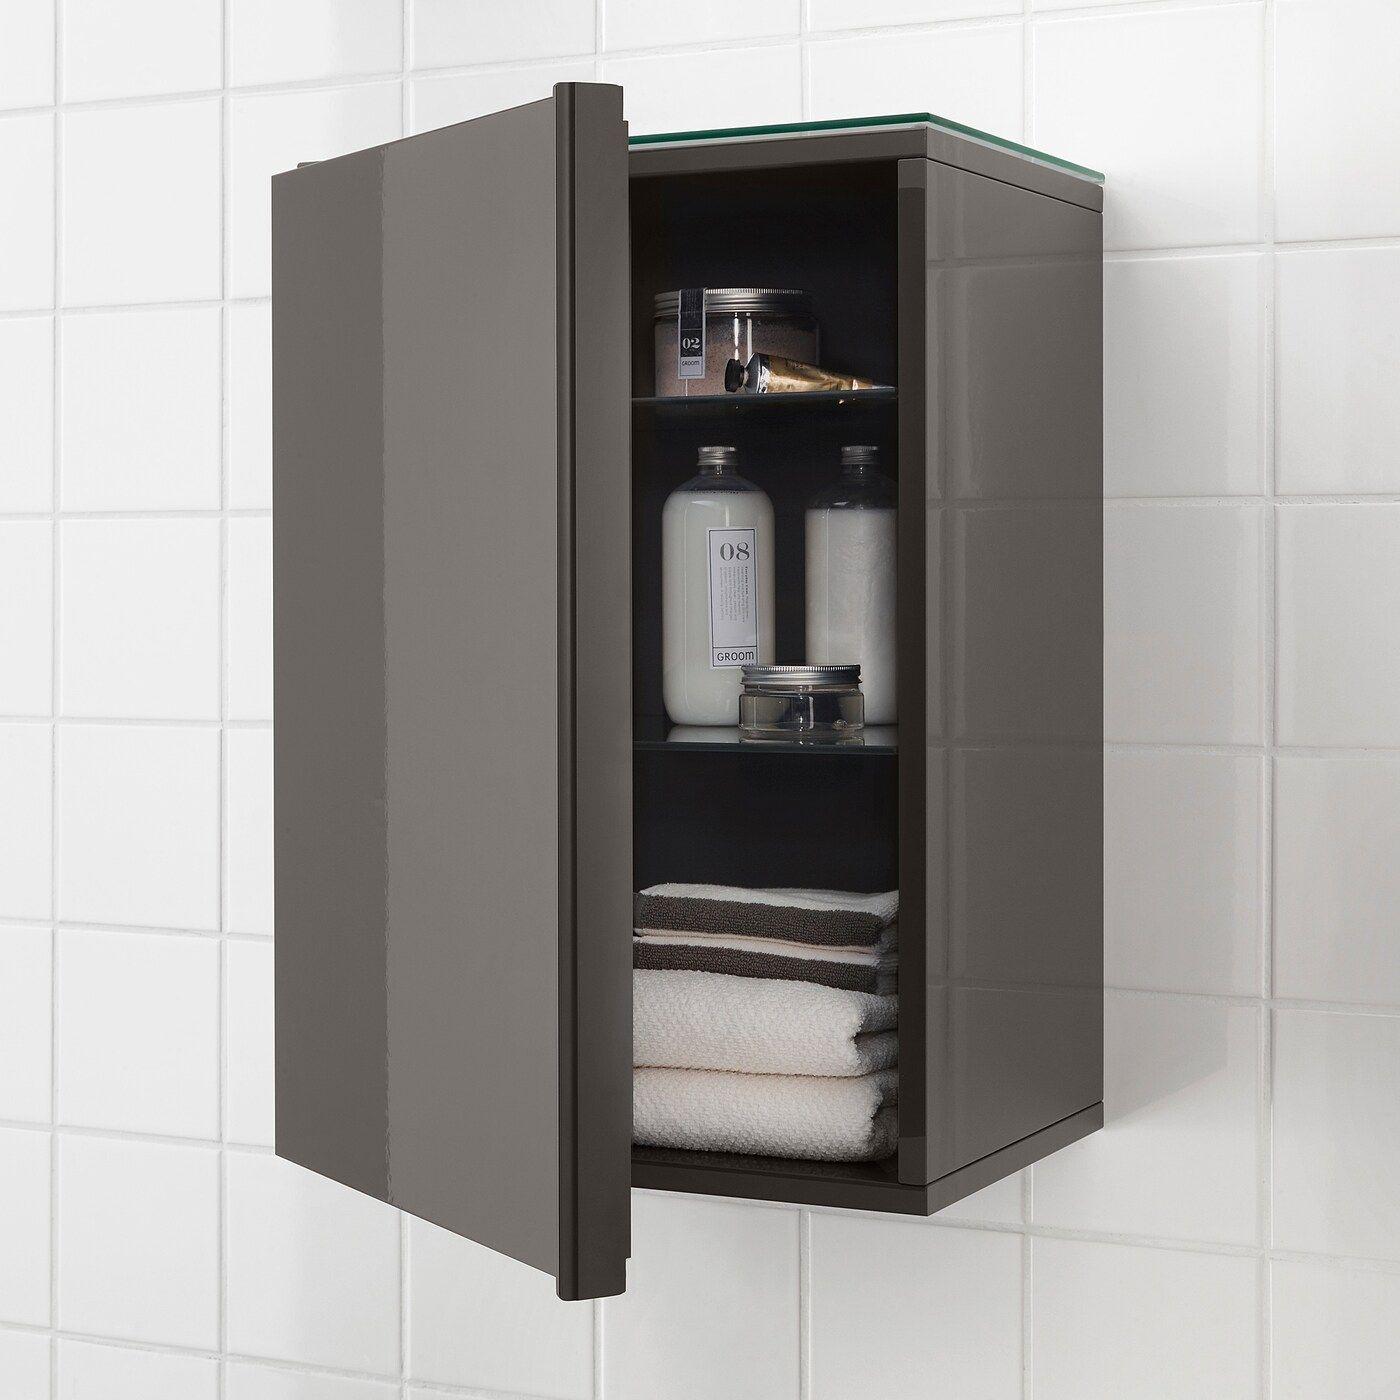 Godmorgon Wandschrank 1 Tur Hochglanz Grau Ikea Osterreich In 2020 Badezimmer Wand Wandschrank Schwarzes Badezimmer